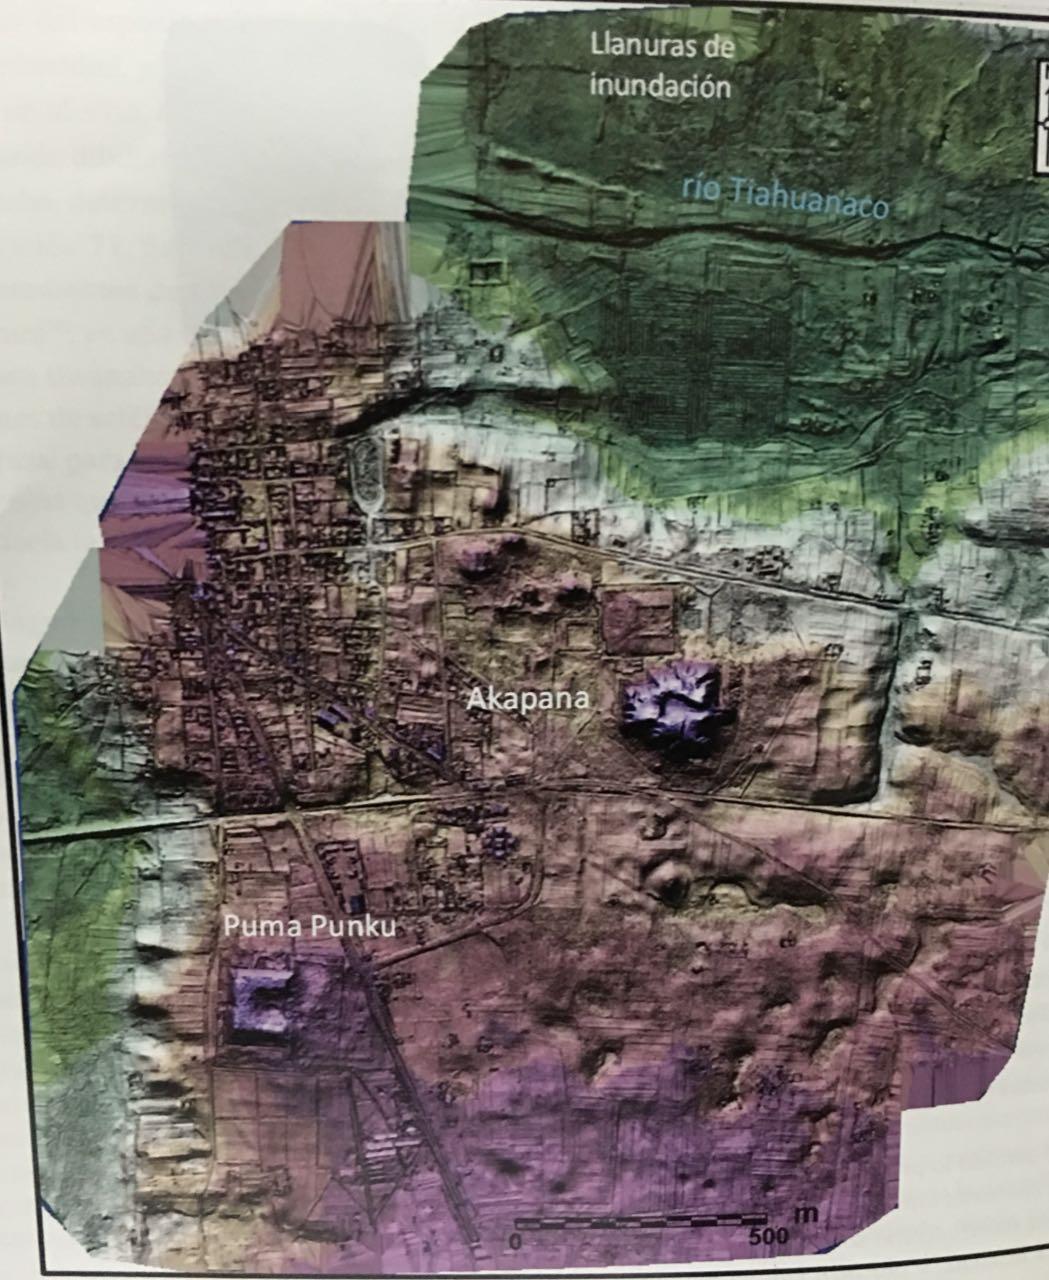 Presentan libro que revela imágenes de ciudad prehispánica enterrada en Tiwanaku